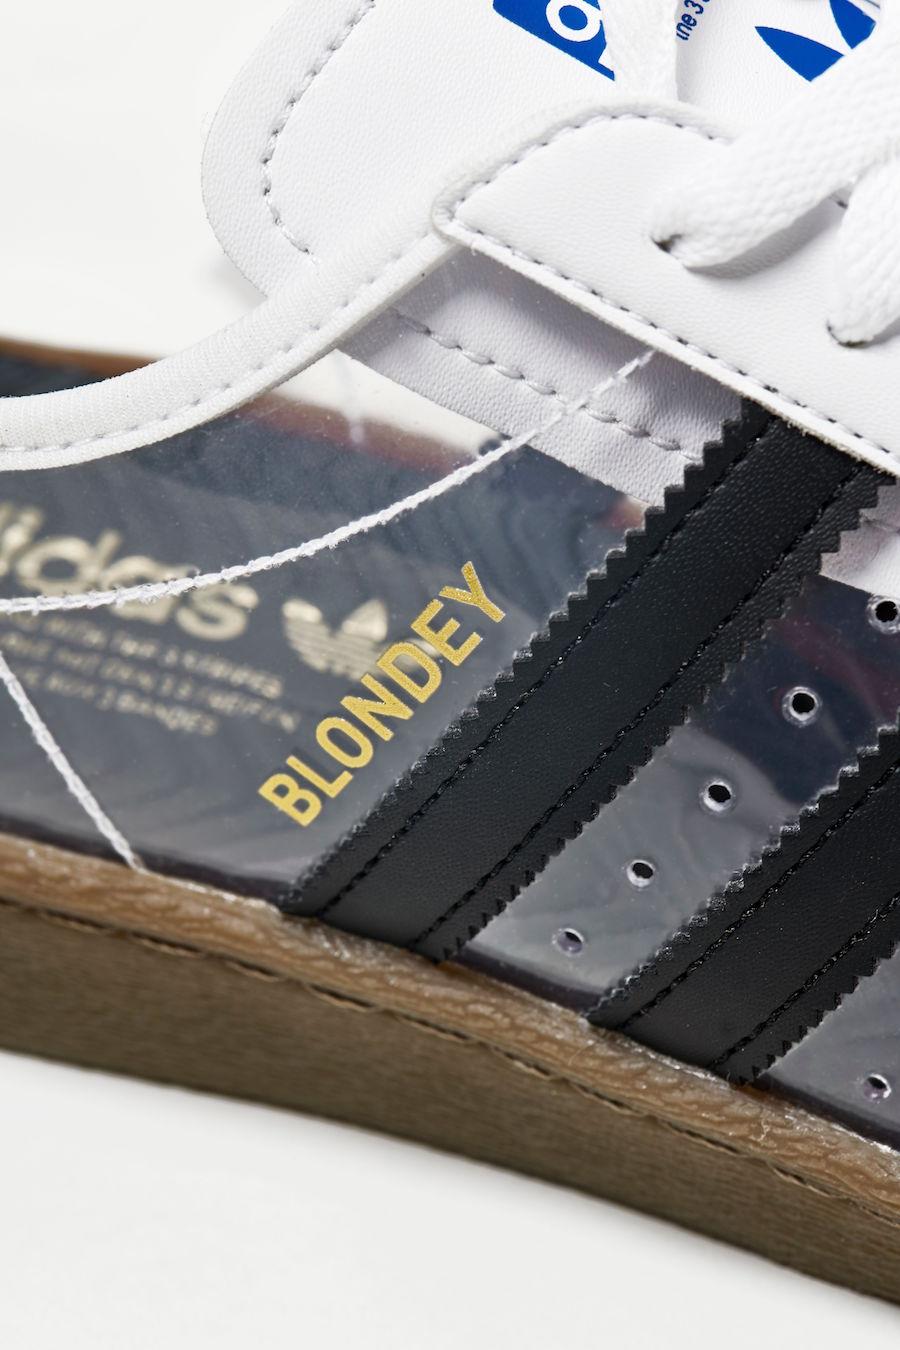 Blondey adidas Superstar 80s